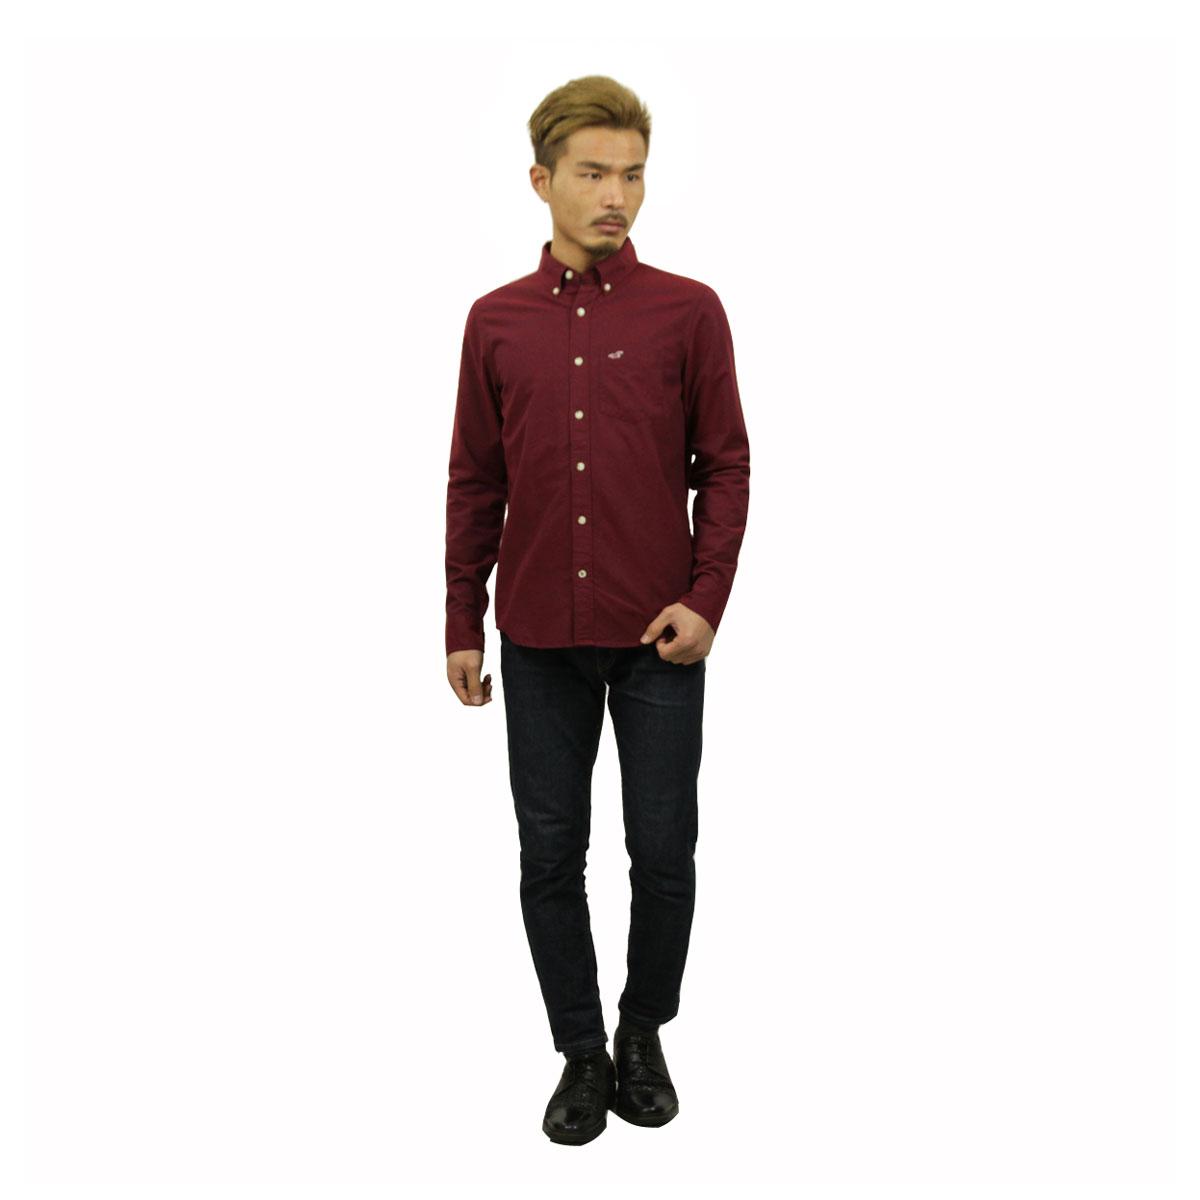 ホリスター HOLLISTER 正規品 メンズ 長袖シャツ  Solid Oxford Shirt 325-259-1574-520